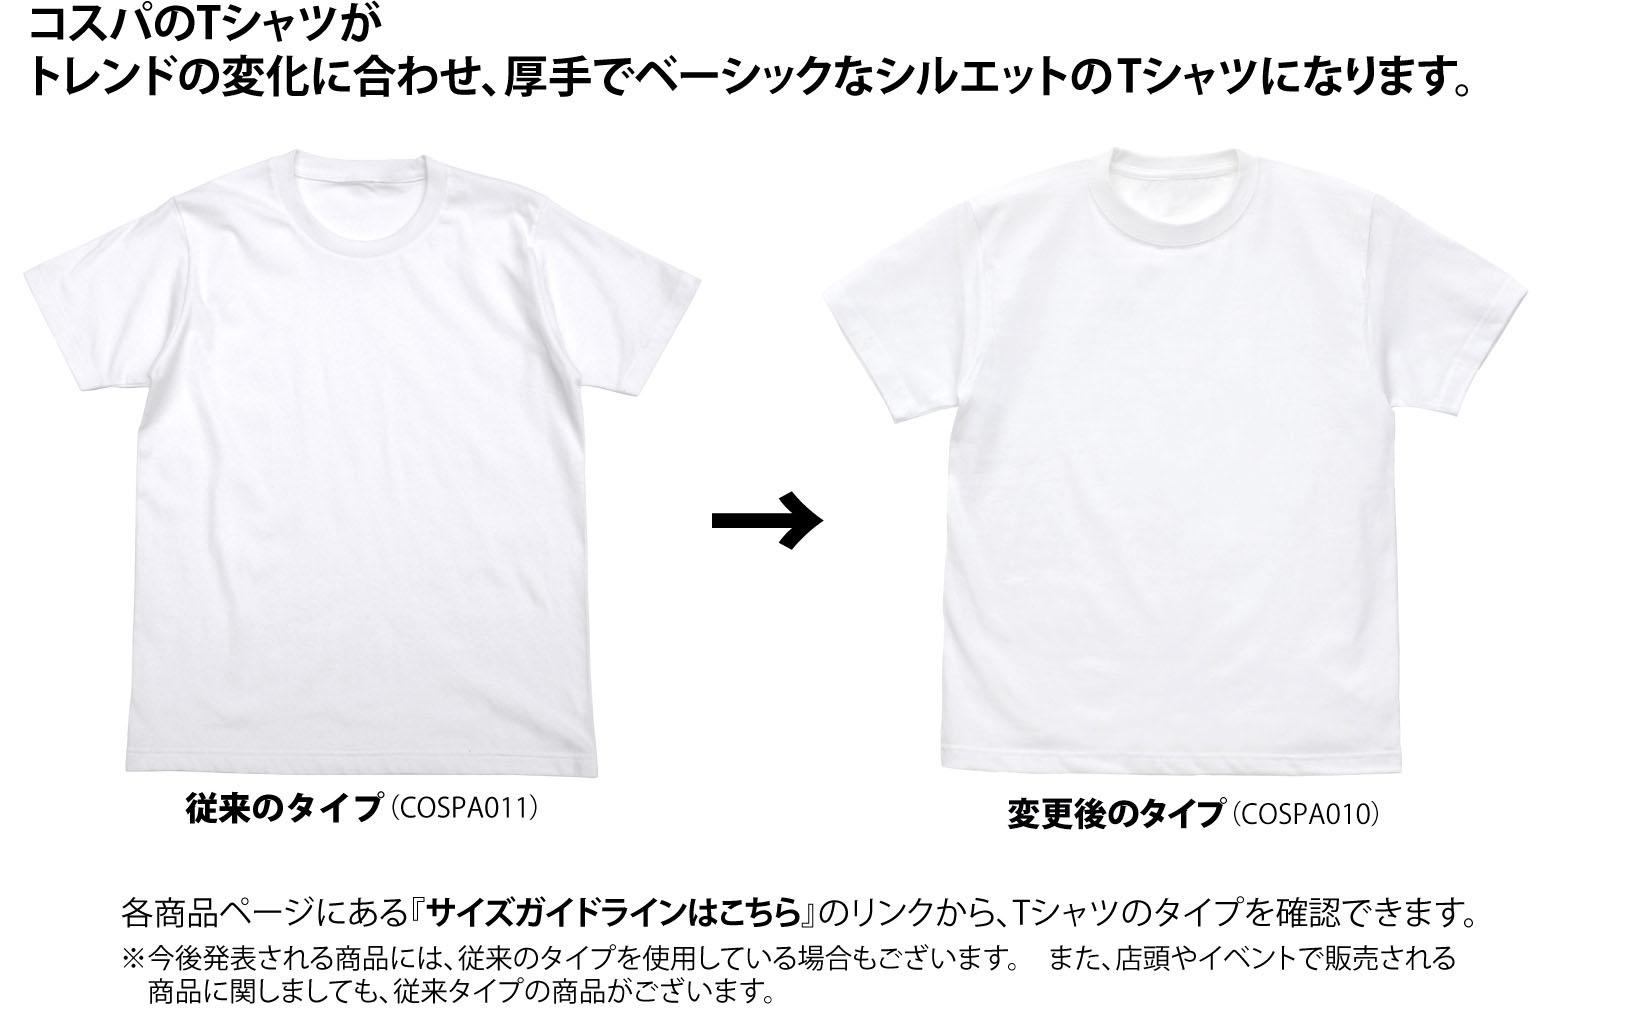 Tシャツボディ変更のお知らせ